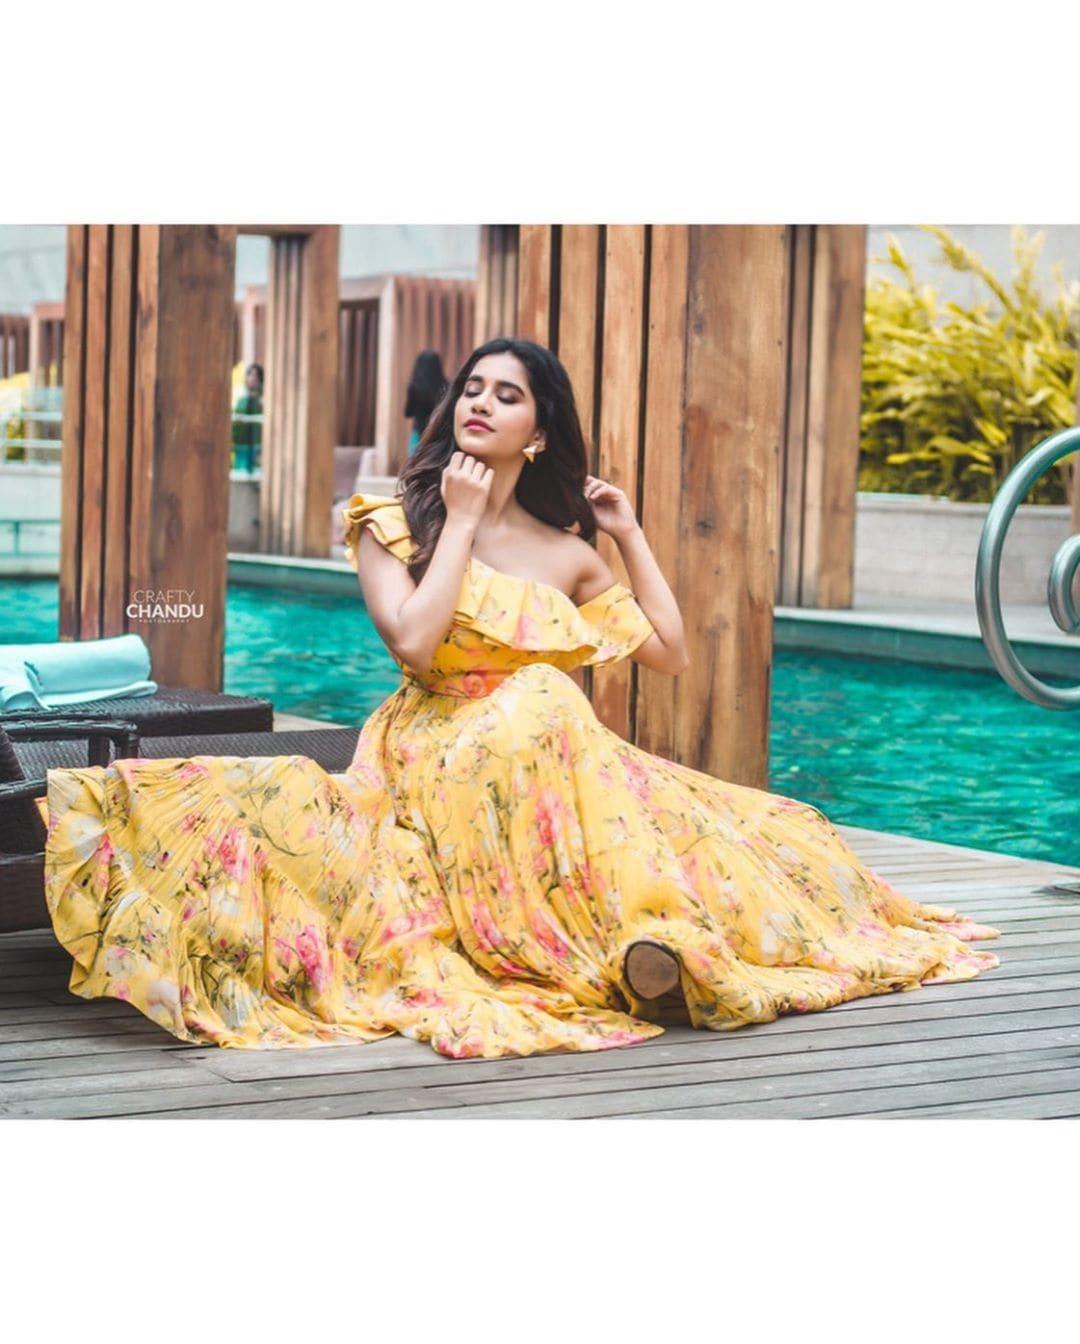 ఇస్మార్ట్ శంకర్ 'నభా నటేష్' హాట్ ఫోటో షూట్ / Instagram Photos